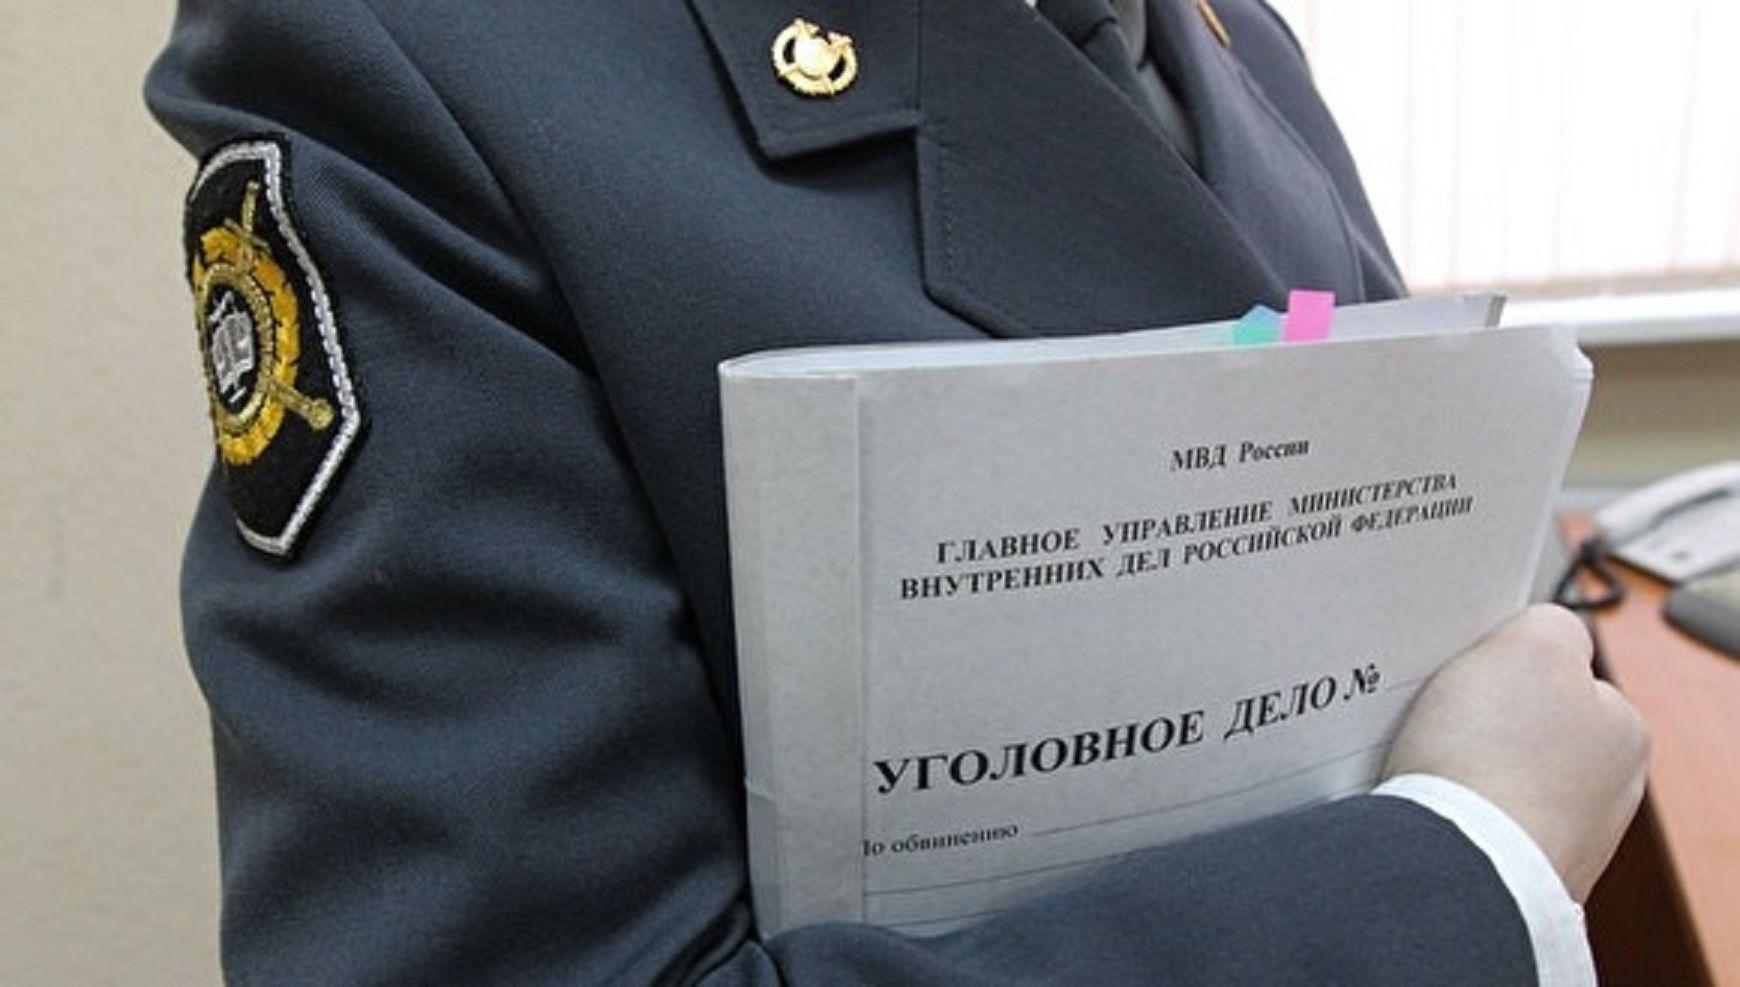 ВПятигорске мужчина попытался убить полицейского вслужебном авто